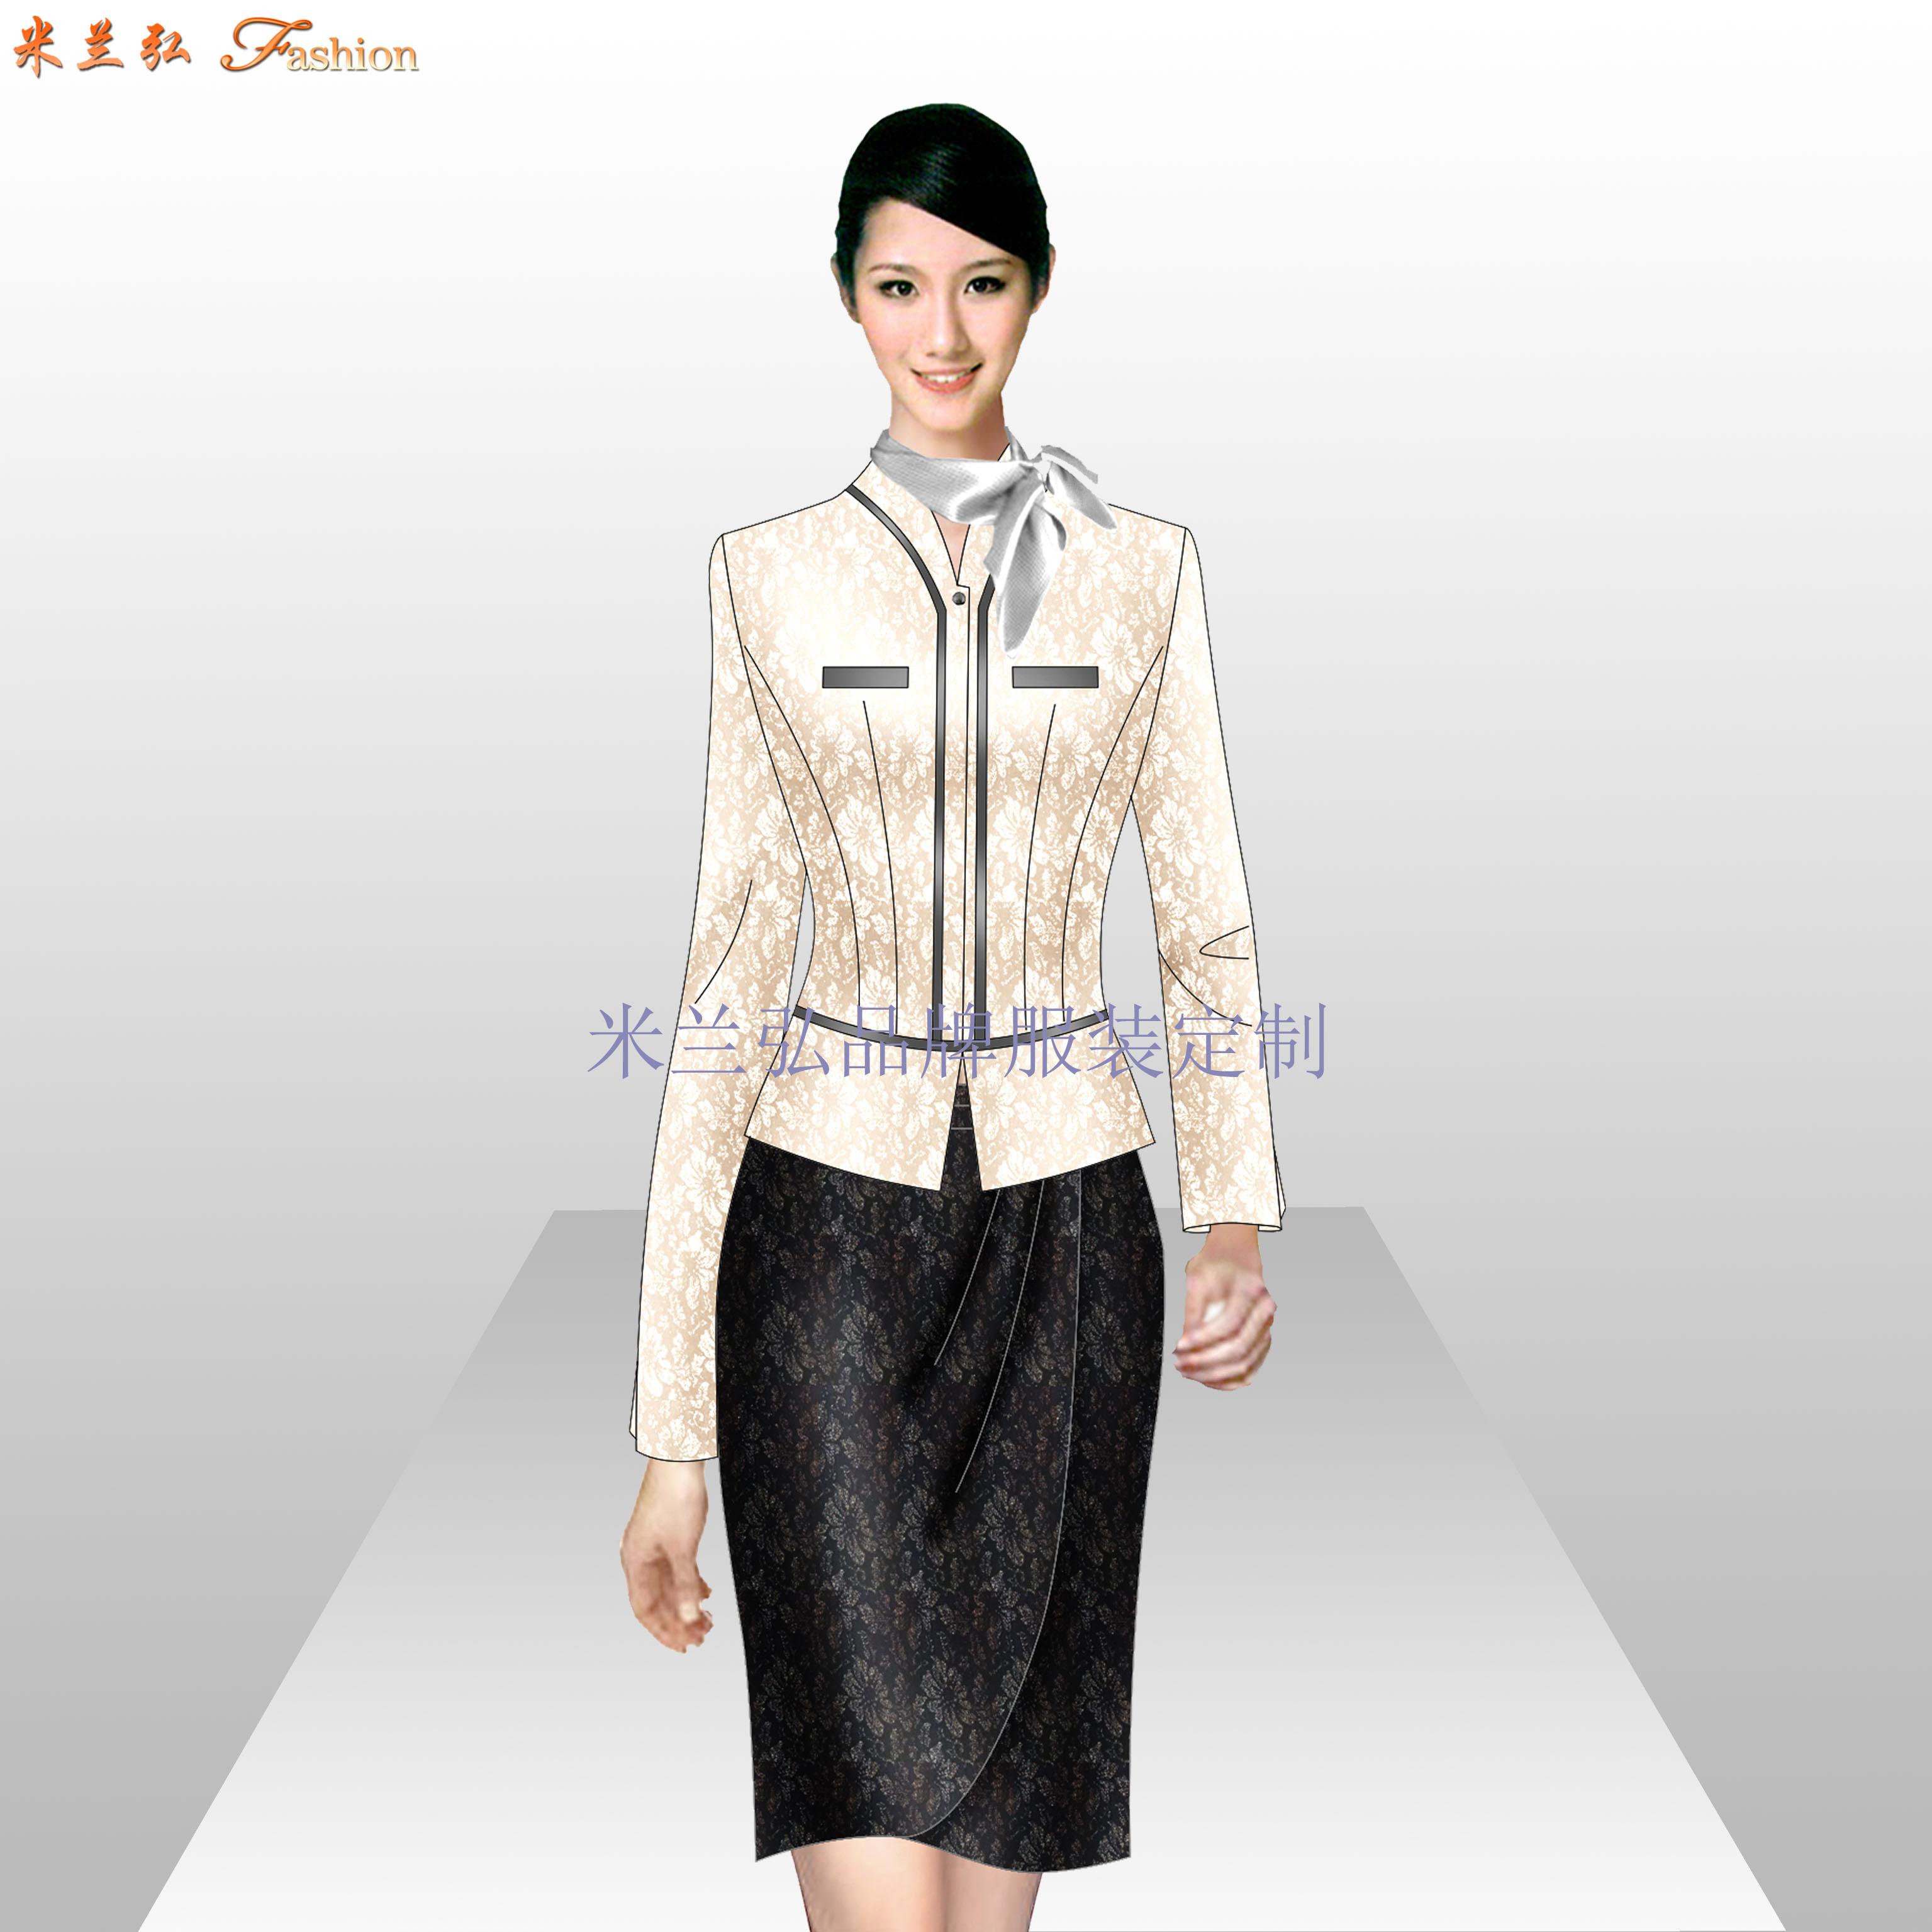 Ladiessuit女士西服套装时尚新款-蓝冠注册厂家-4